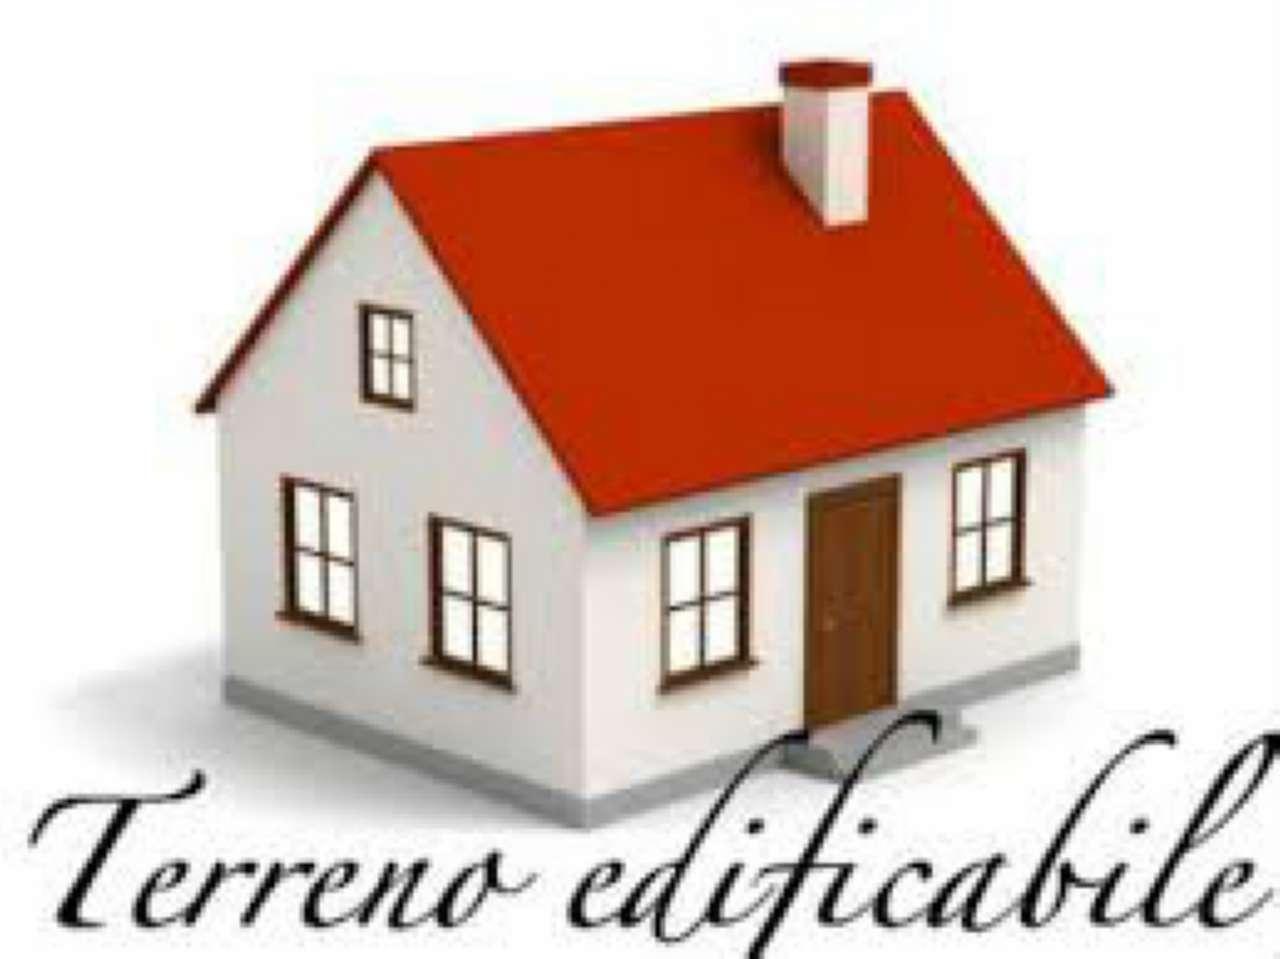 Terreno Edificabile Residenziale in vendita a Pianfei, 9999 locali, prezzo € 28.000 | CambioCasa.it